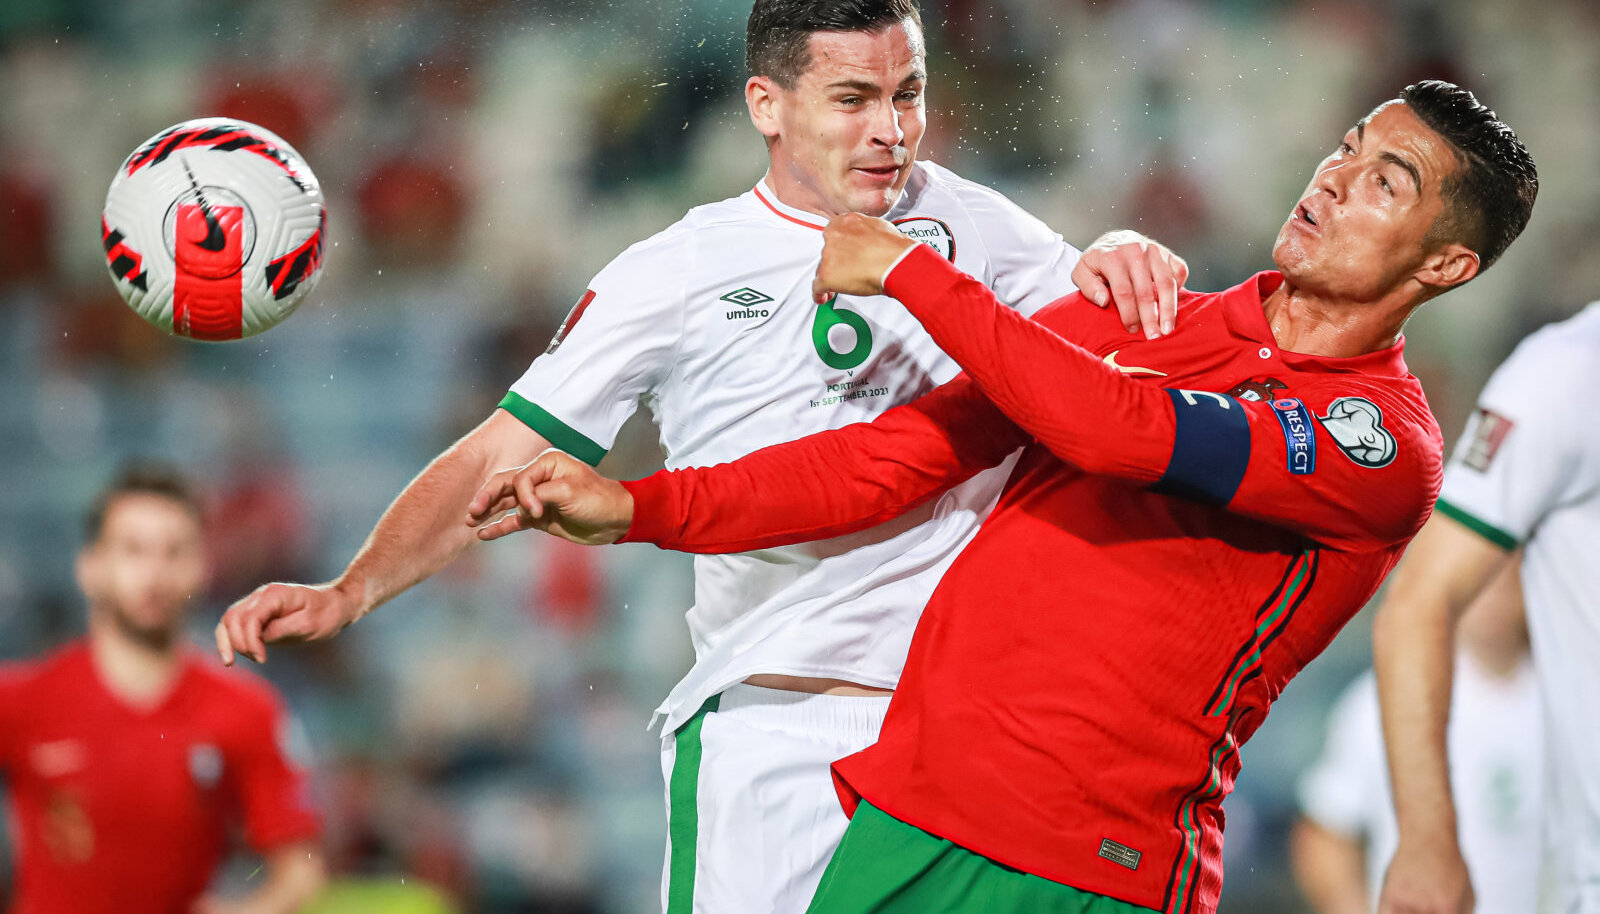 Криштиану Роналду (в красной форме) борется за мяч